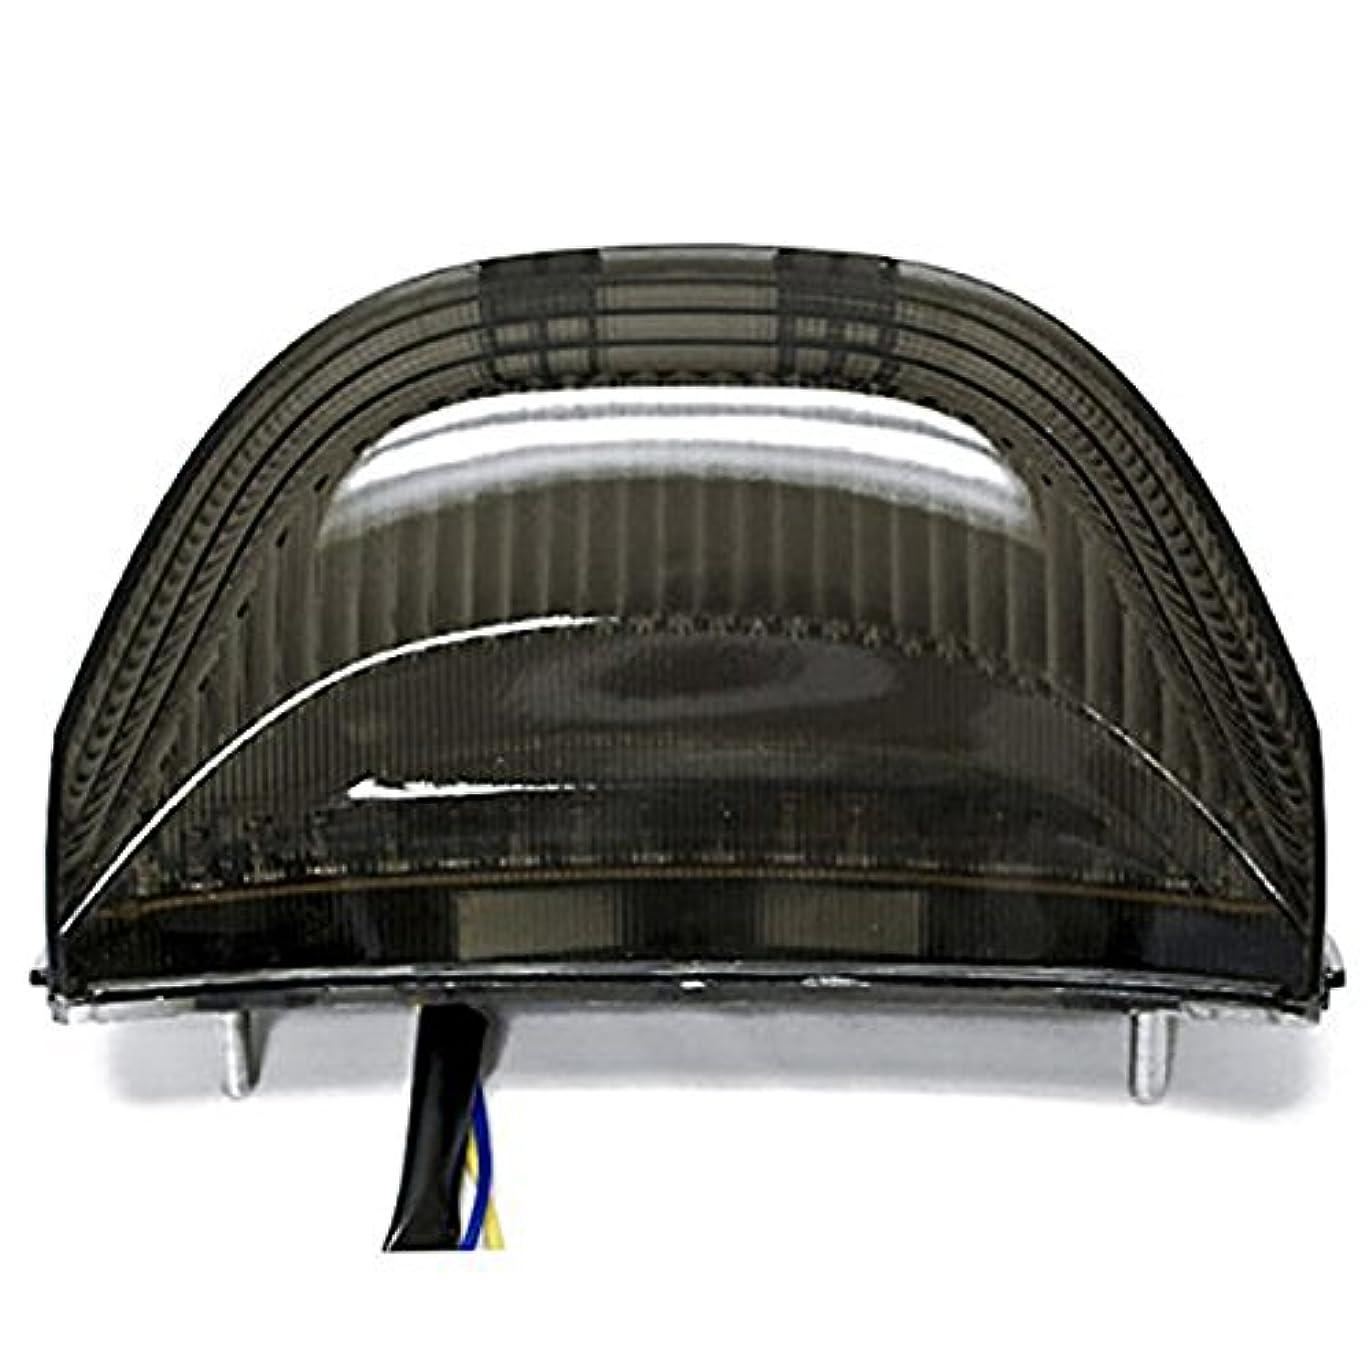 口実保全王室Szmsmyホンダ 用 LED テール ライト ランプ ウインカー 付 スモーク クリアー レンズ CBR 600 RR CBR 1000 RR ドレスアップ カスタム パーツ 部品 社外品